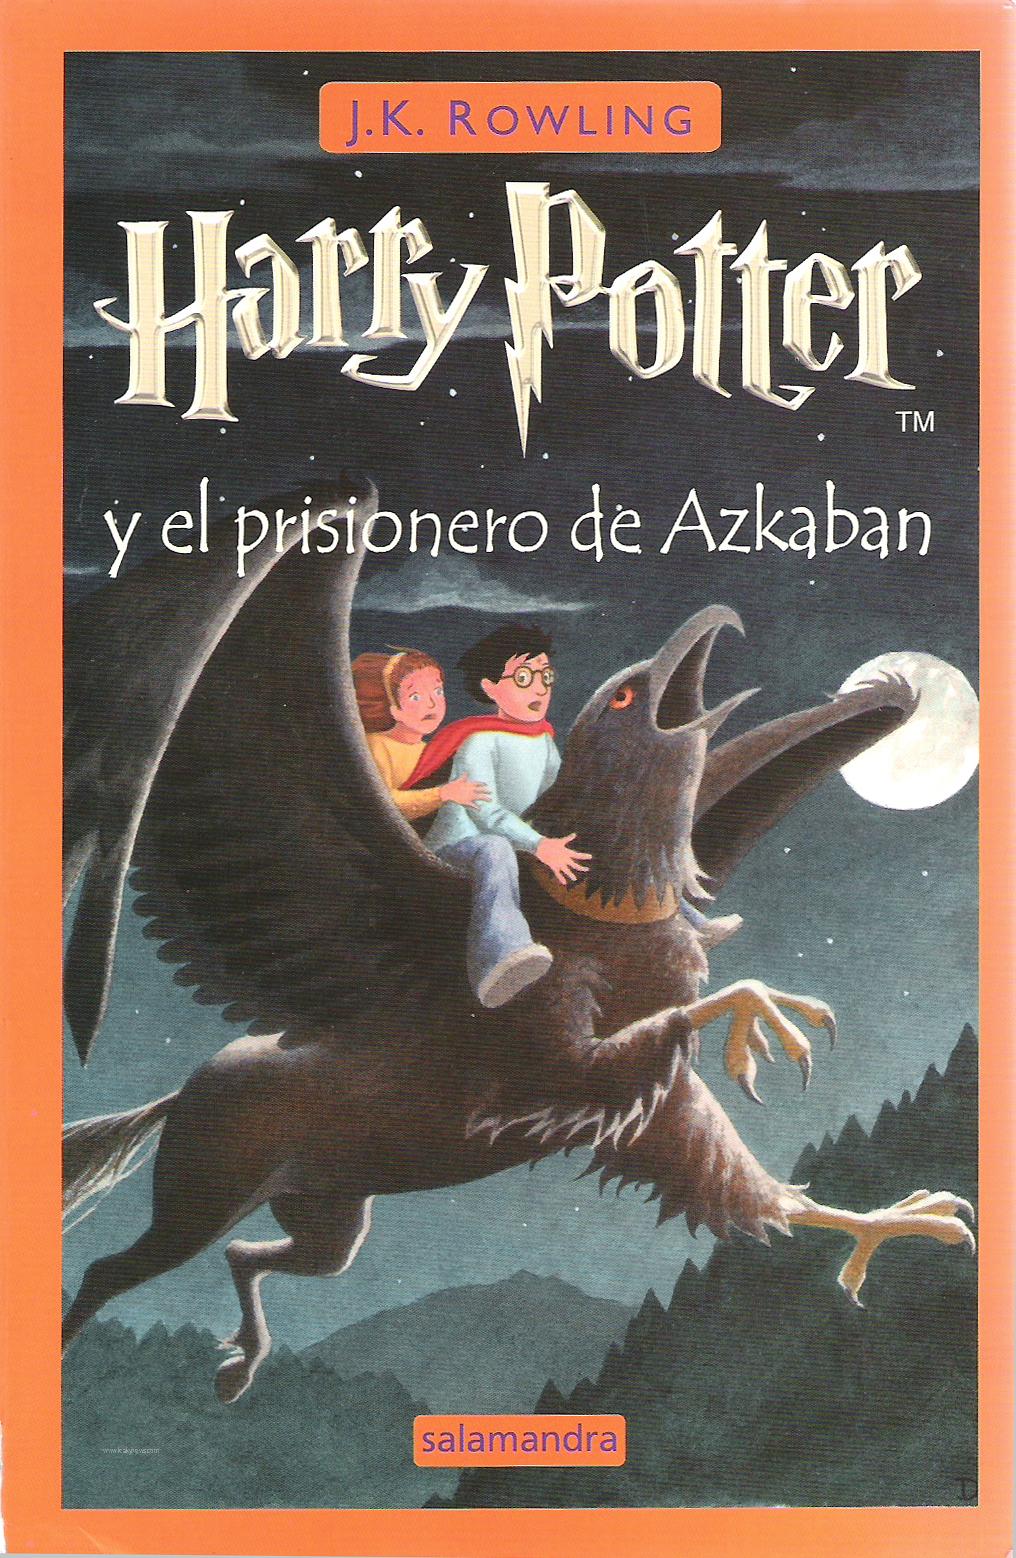 65. Harry Potter y el prisionero de Azkaban